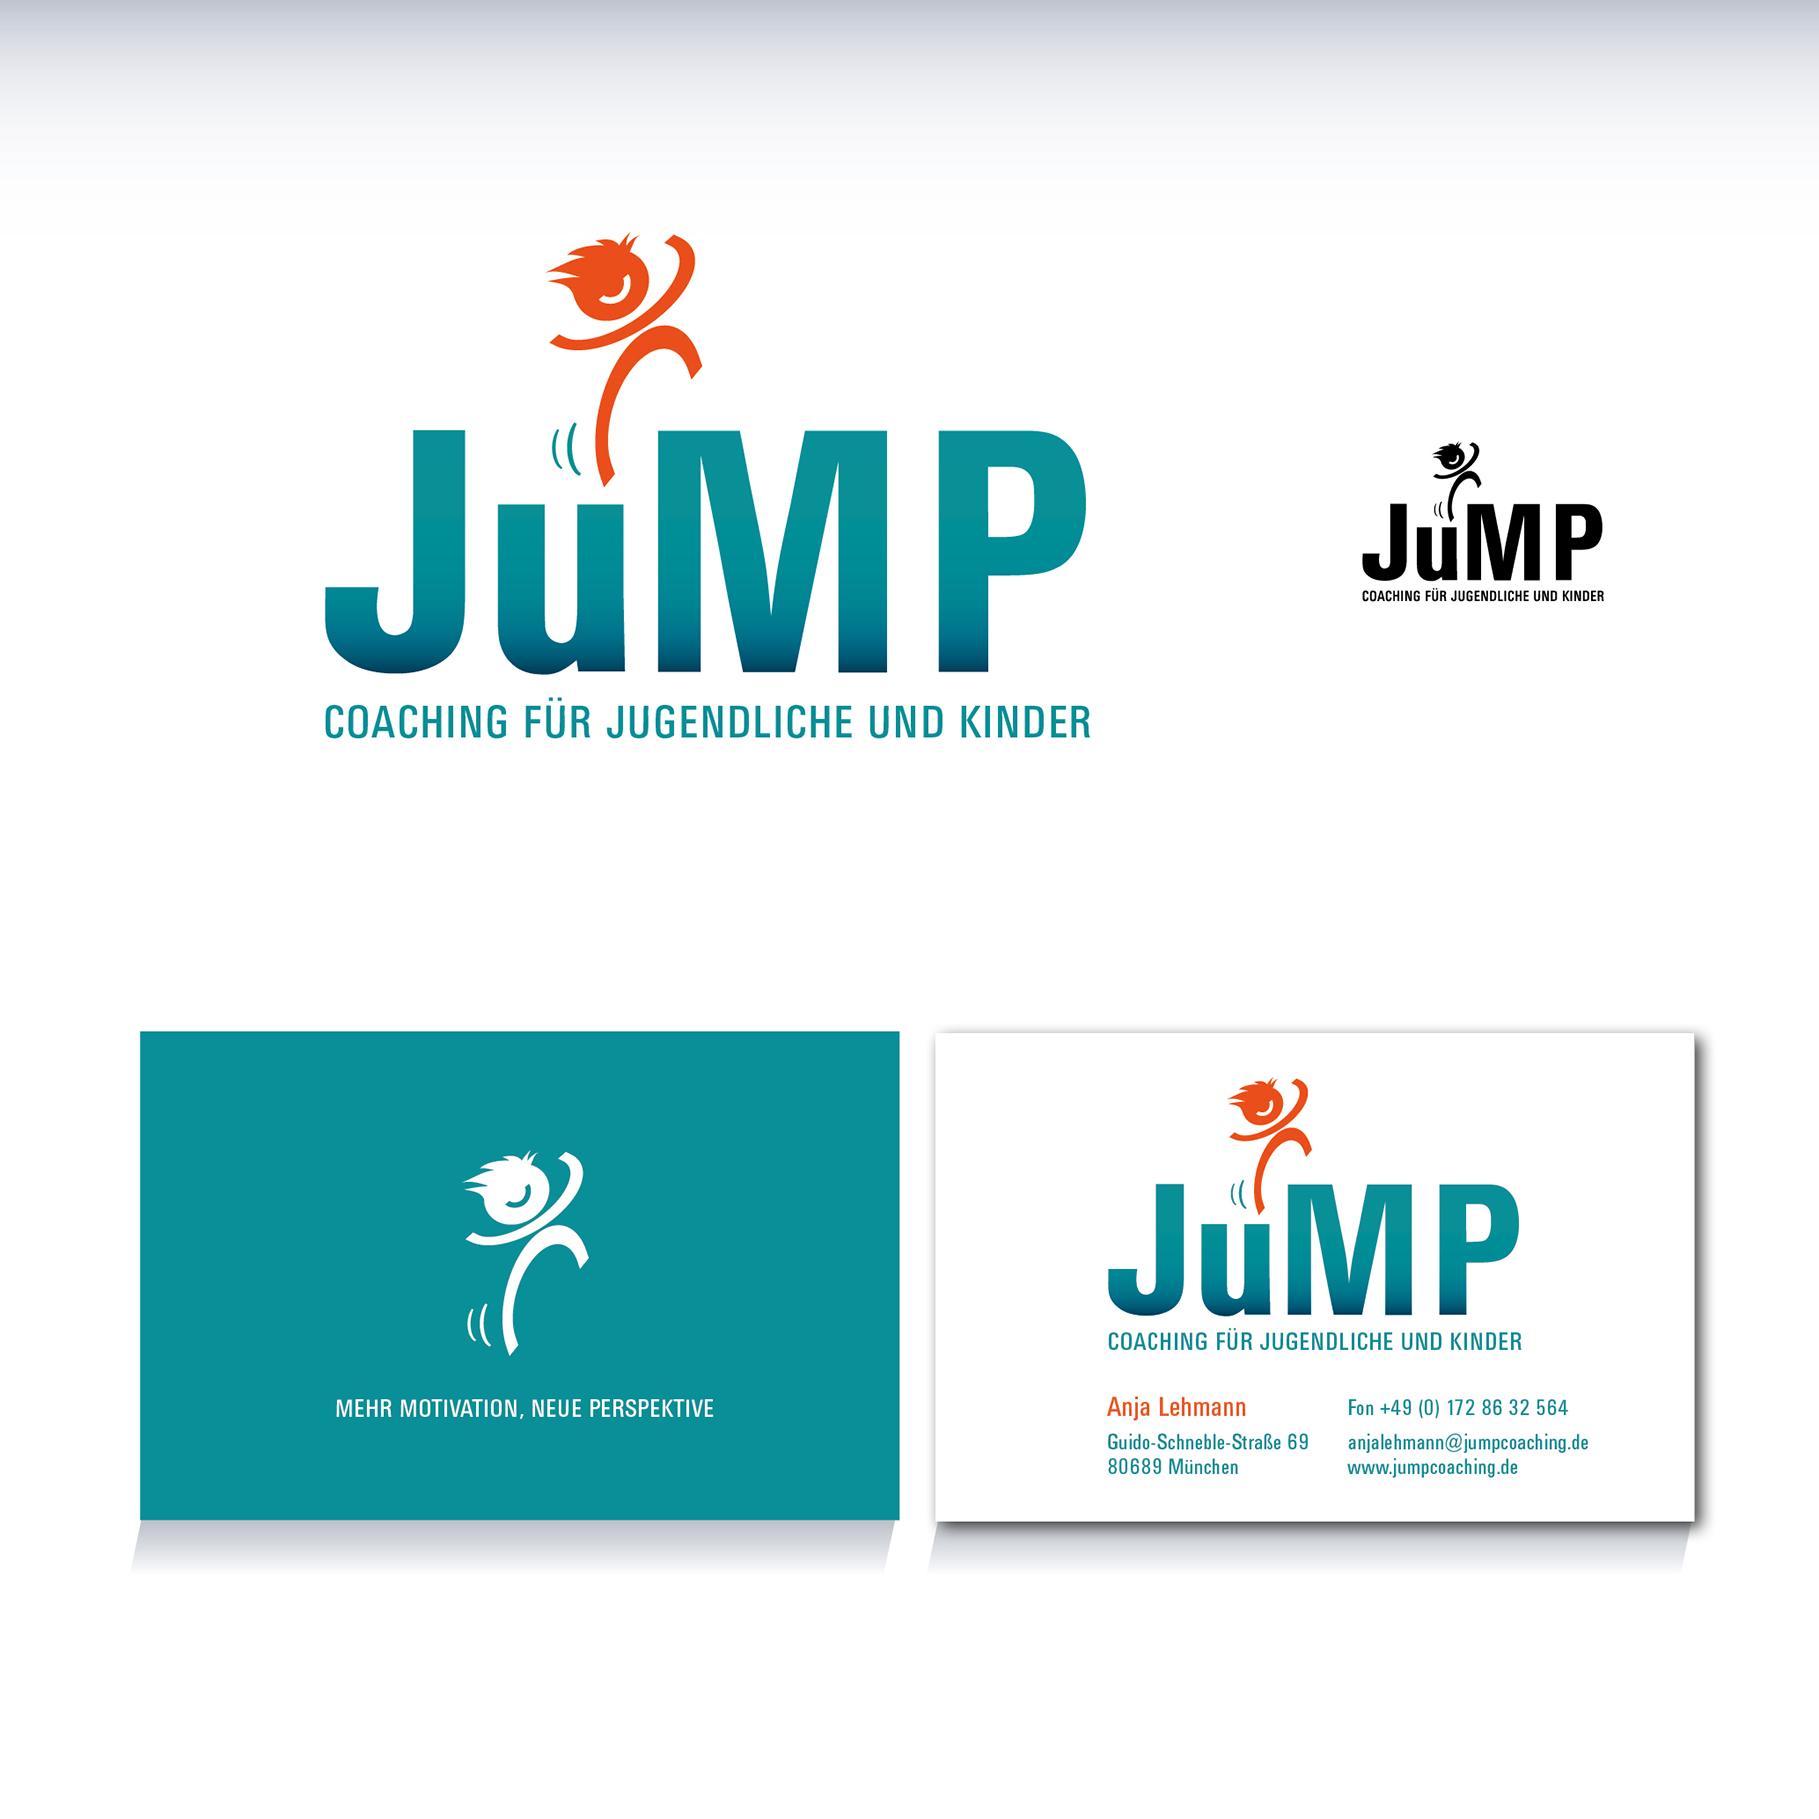 Coaching Für Jugendliche Und Kinder Sucht Logo Logo